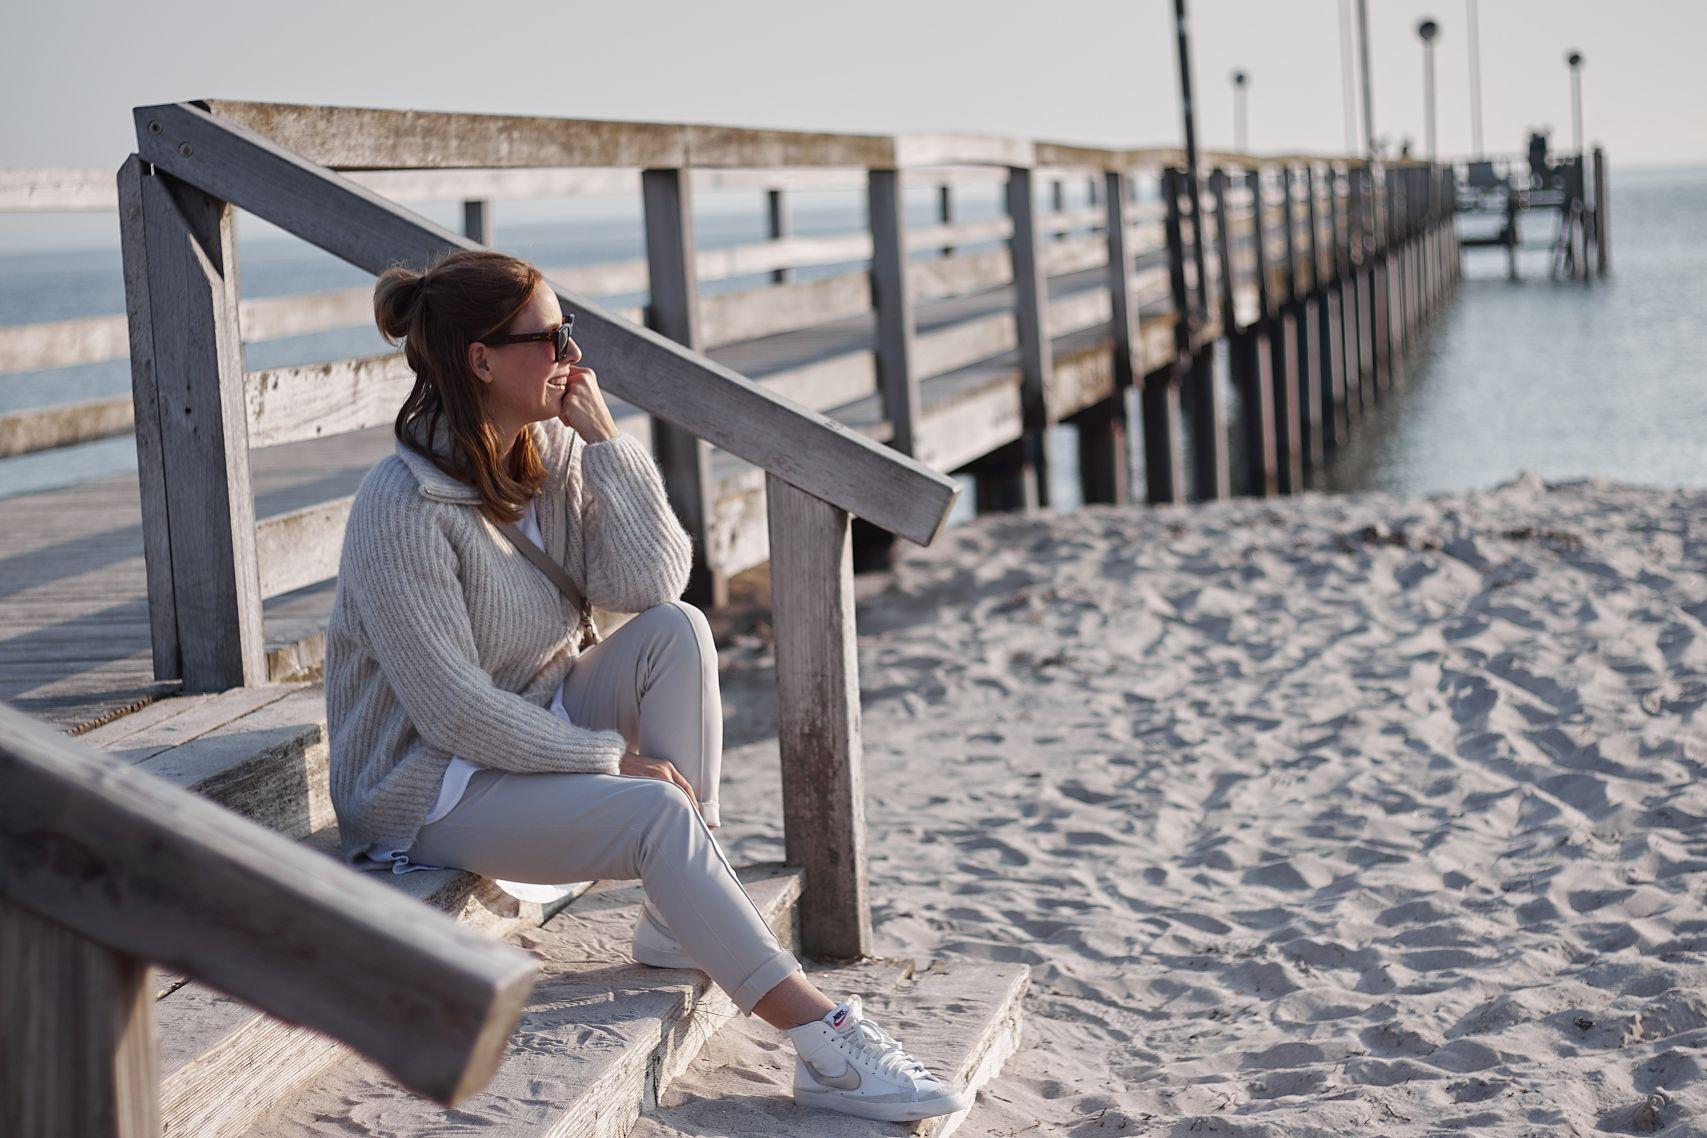 Sandfarbene Jane Lushka Hose Pants Kaya zu Nike Sneakern Blazer Mid 77 in Pelzerhaken